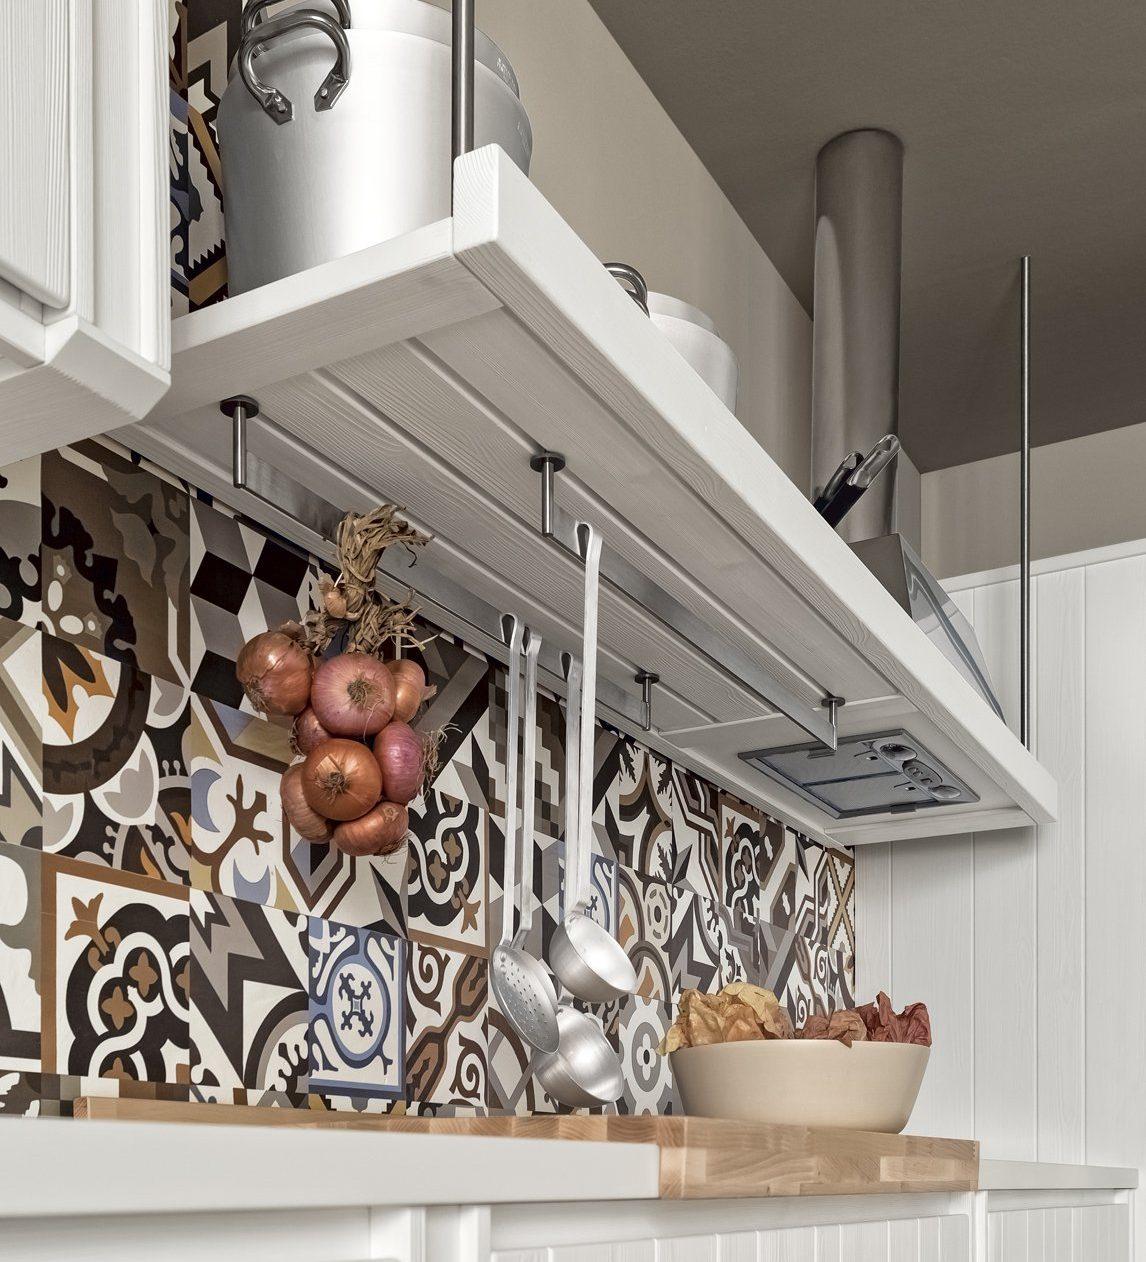 Cappa in acciaio in una cucina tradizionale bianca di Scandola.